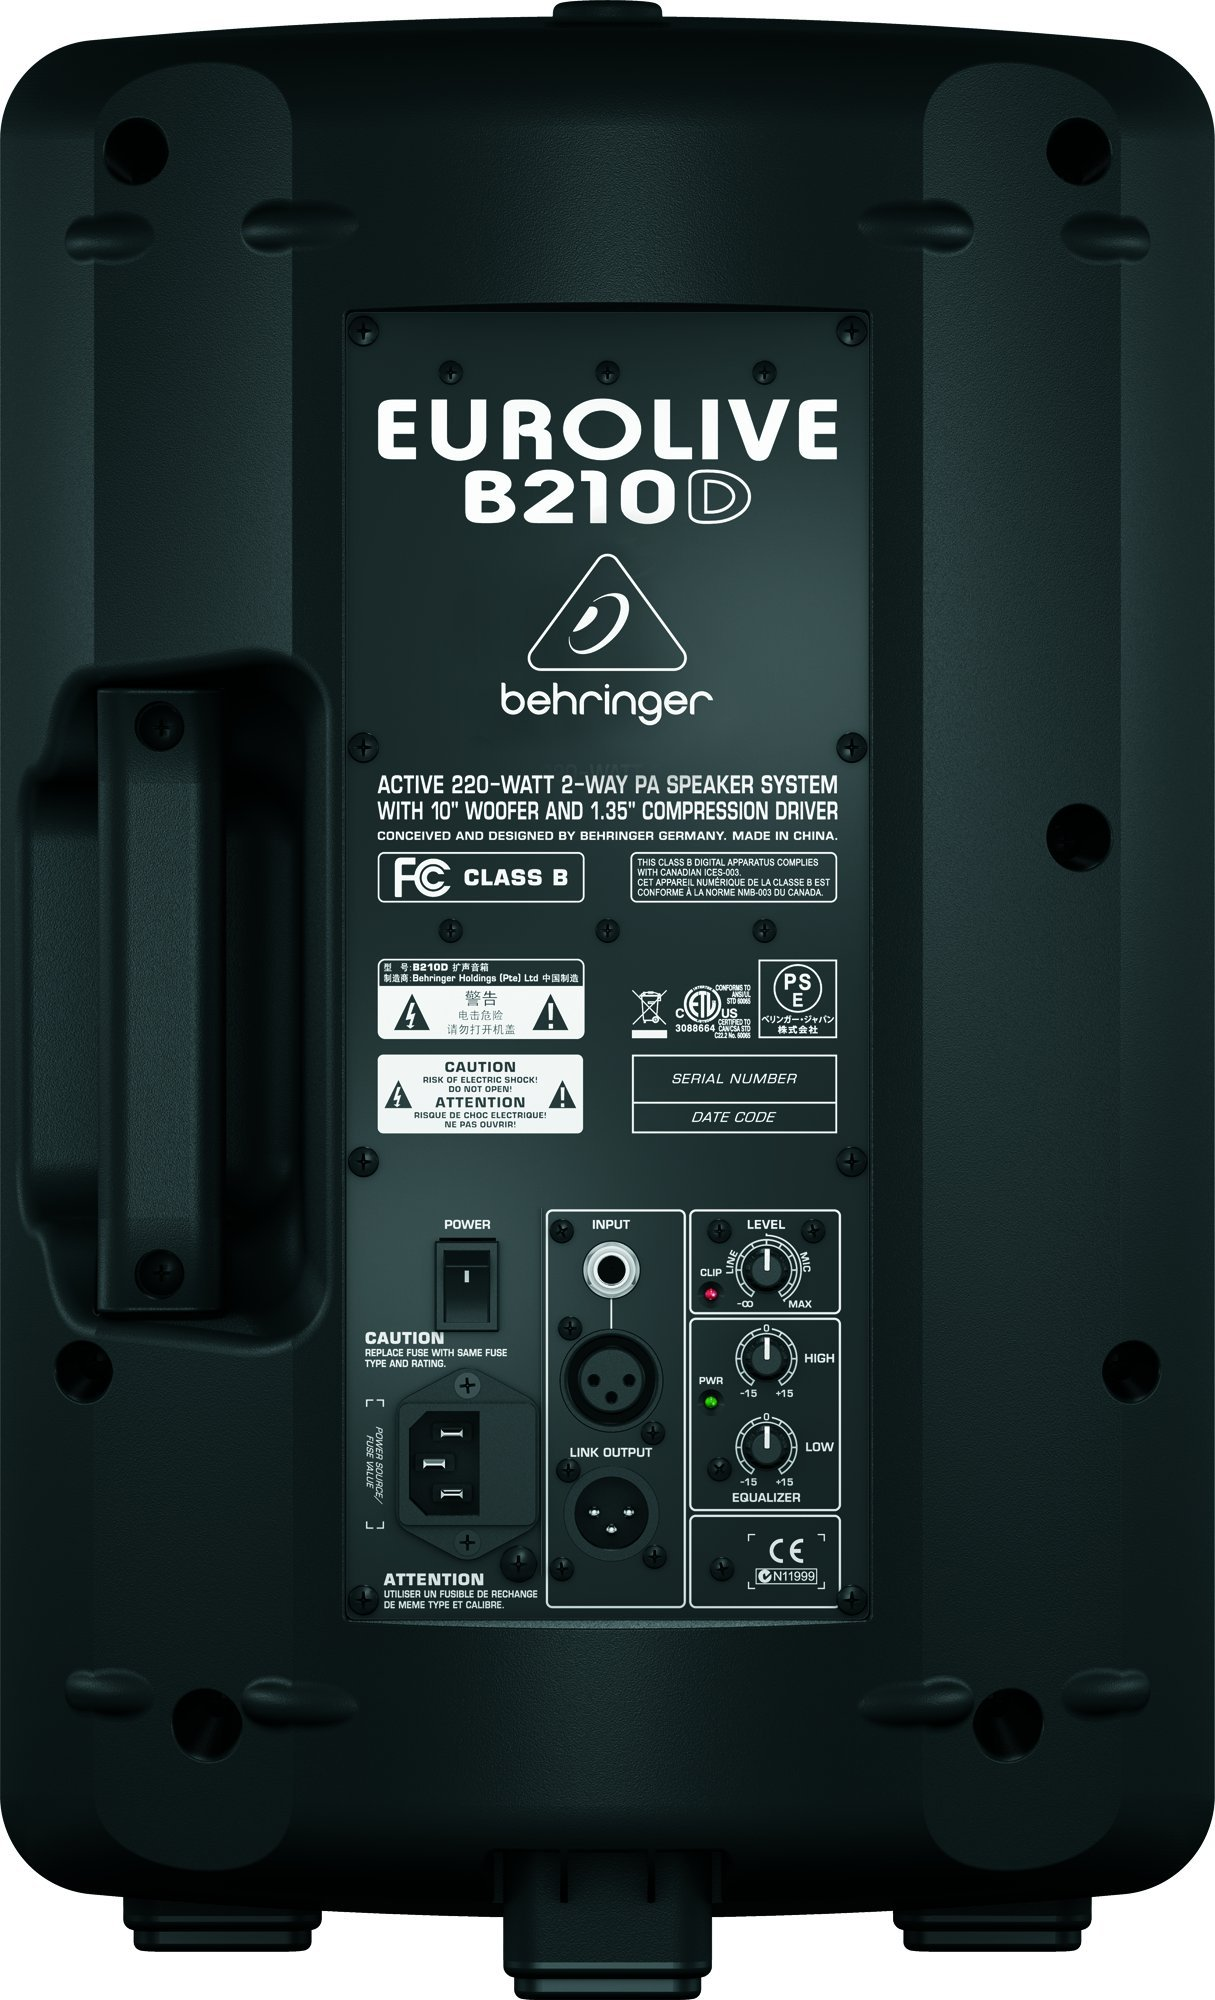 Behringer Eurolive B210D Active 200-Watt 2-Way PA Speaker System by Behringer (Image #7)